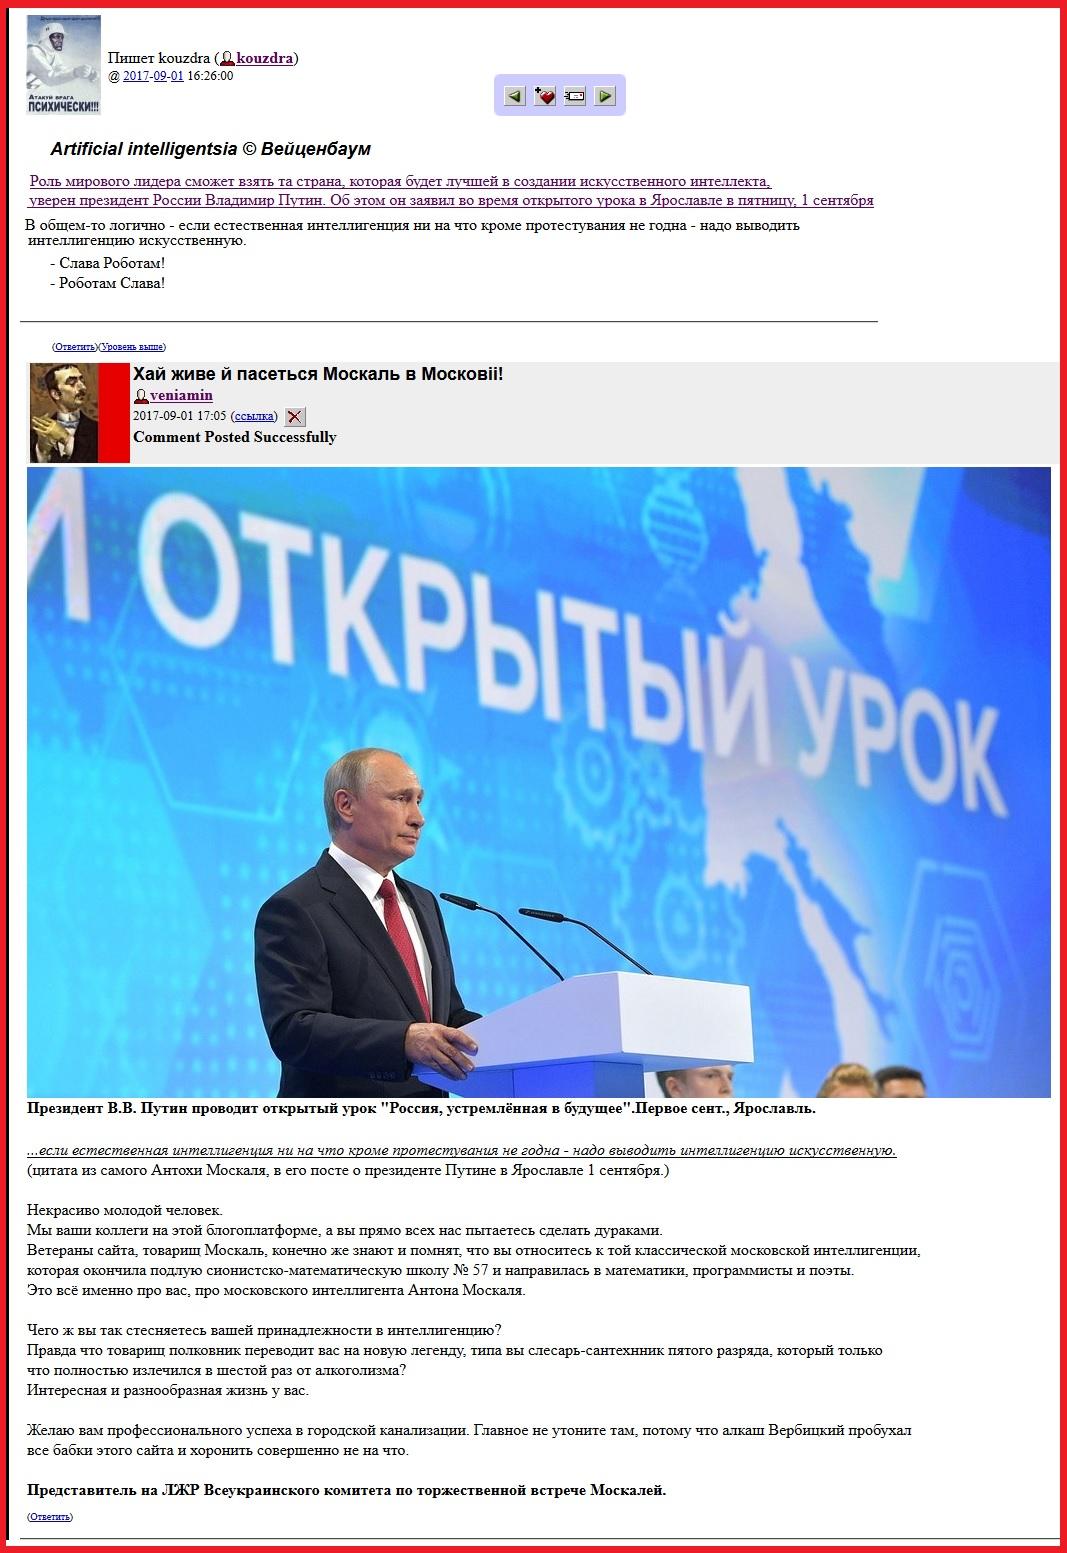 Антон Москаль, он же Куздра, гонит сексотную тупь против интеллигенции